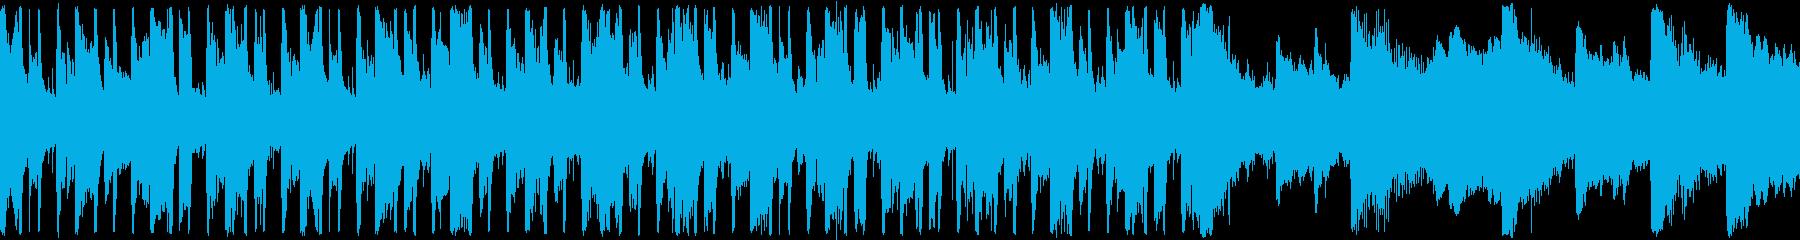 人気のある電子機器 チャイニーズポ...の再生済みの波形